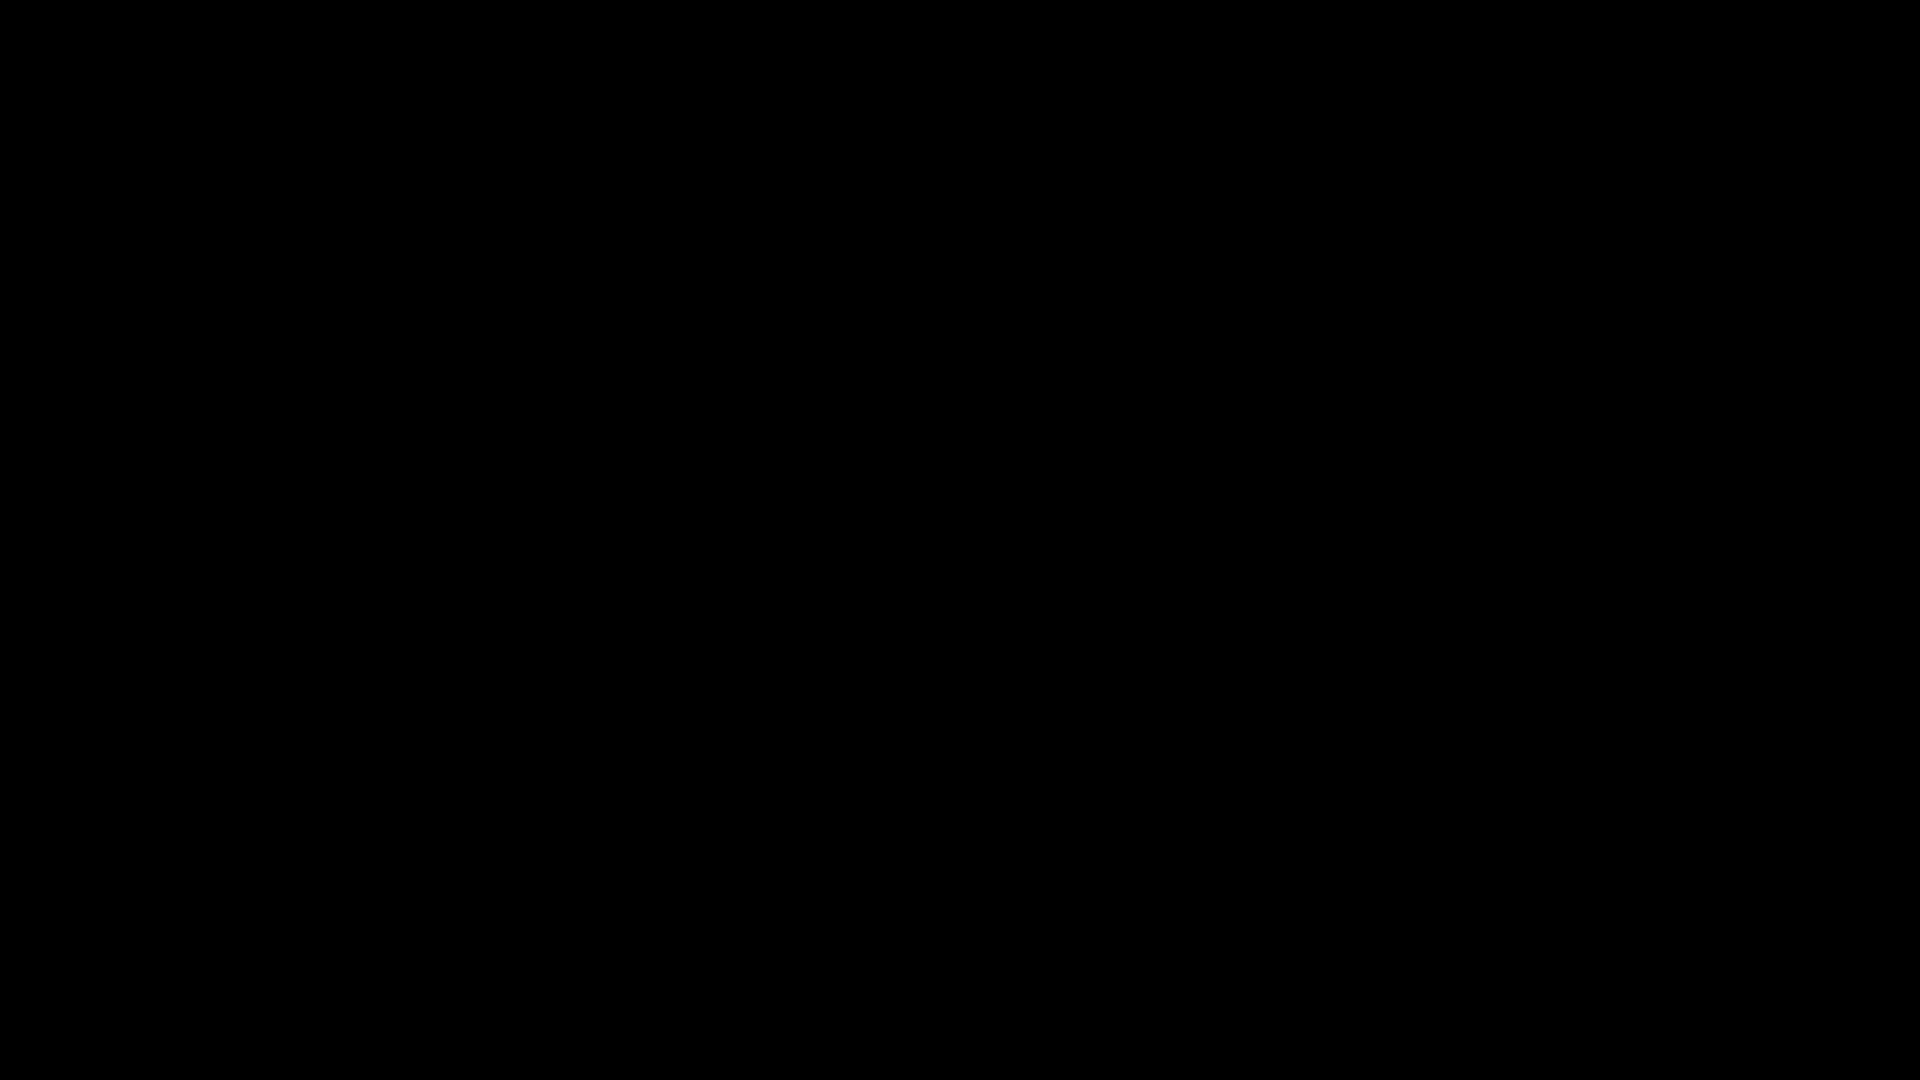 1920x1080-opacityE3F1B6D2-1F03-CF59-70BB-73B52A863CD2.png